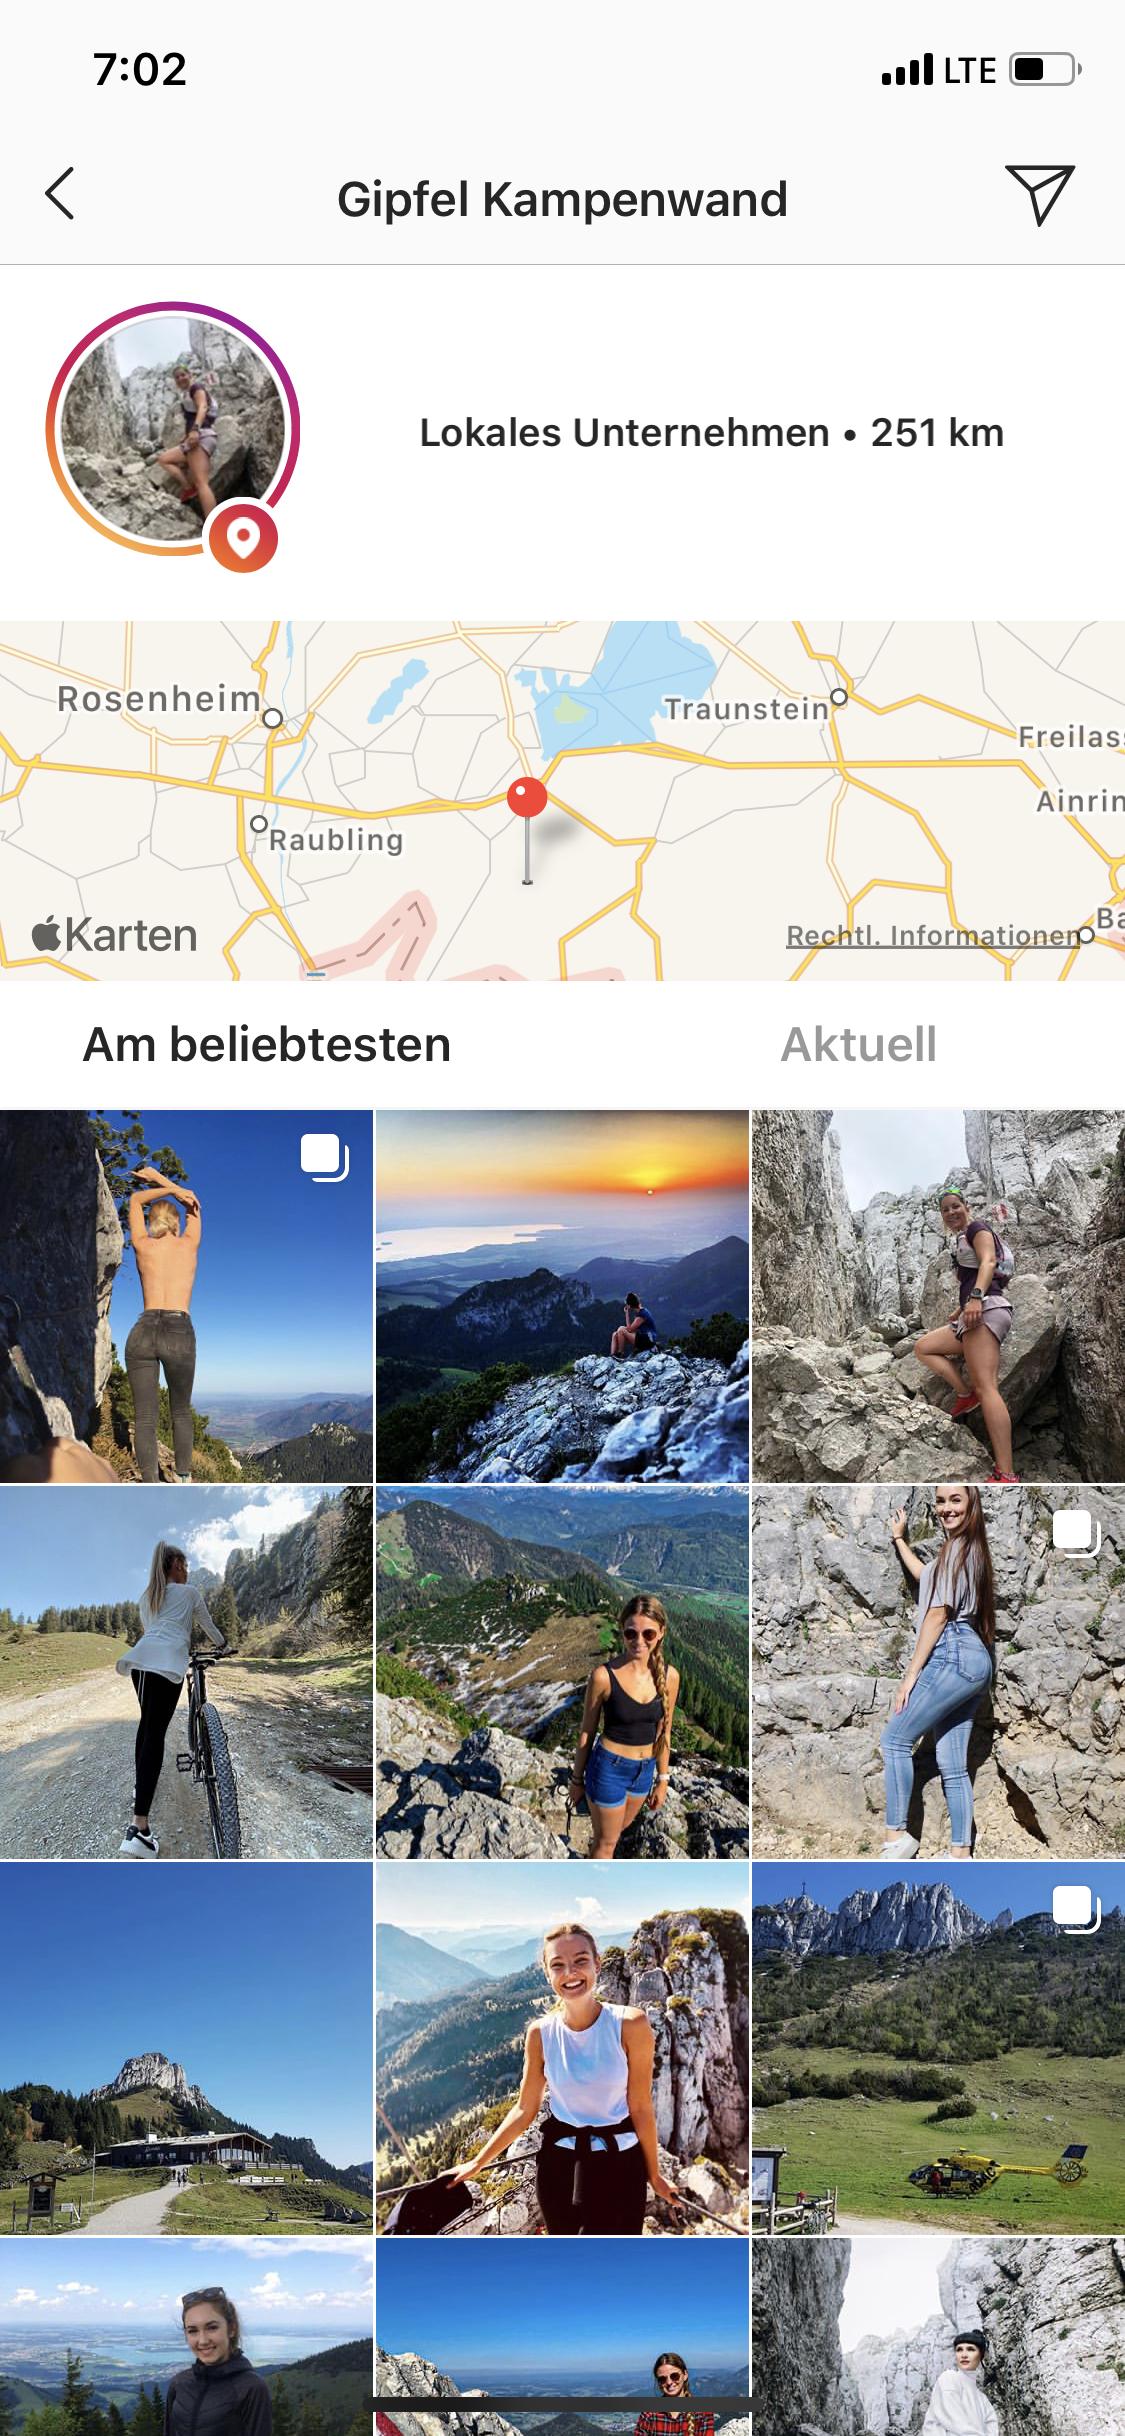 Pin Von Clarakatharina Auf Wandern In 2020 Traunstein Unternehmungen Rosenheim